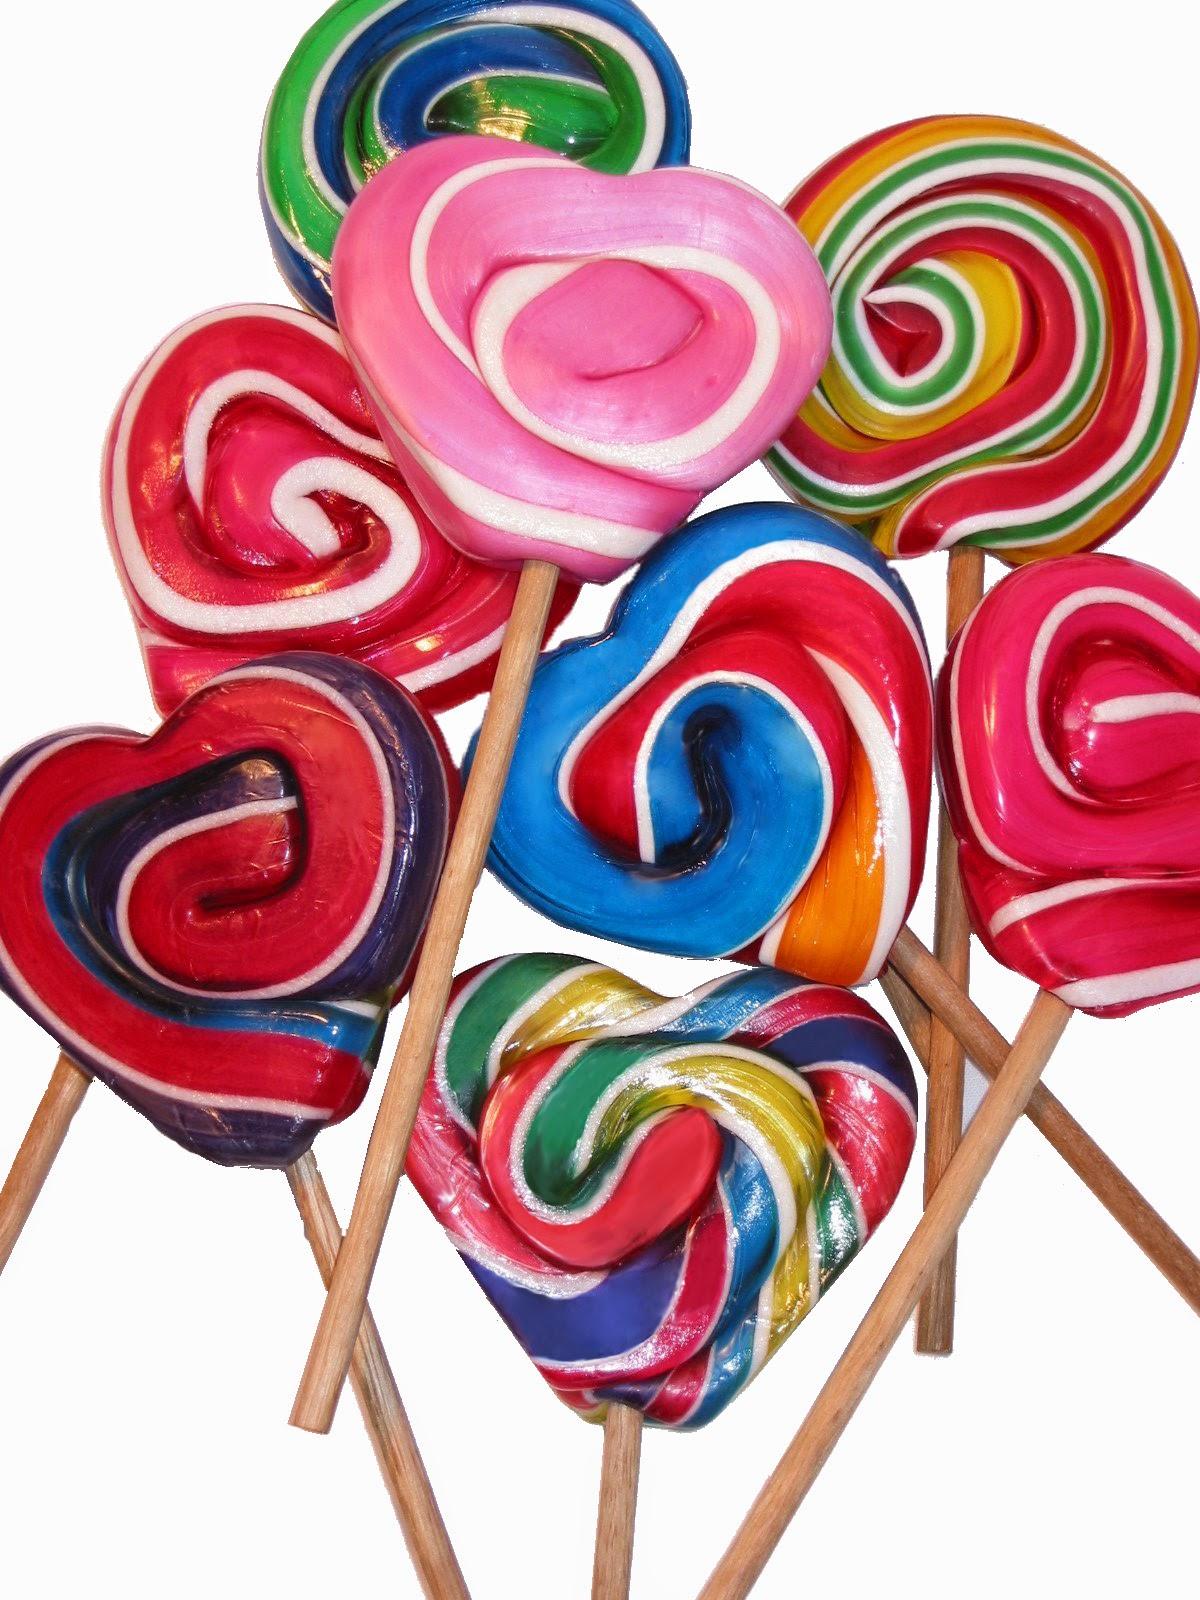 lolipop candy jakarta